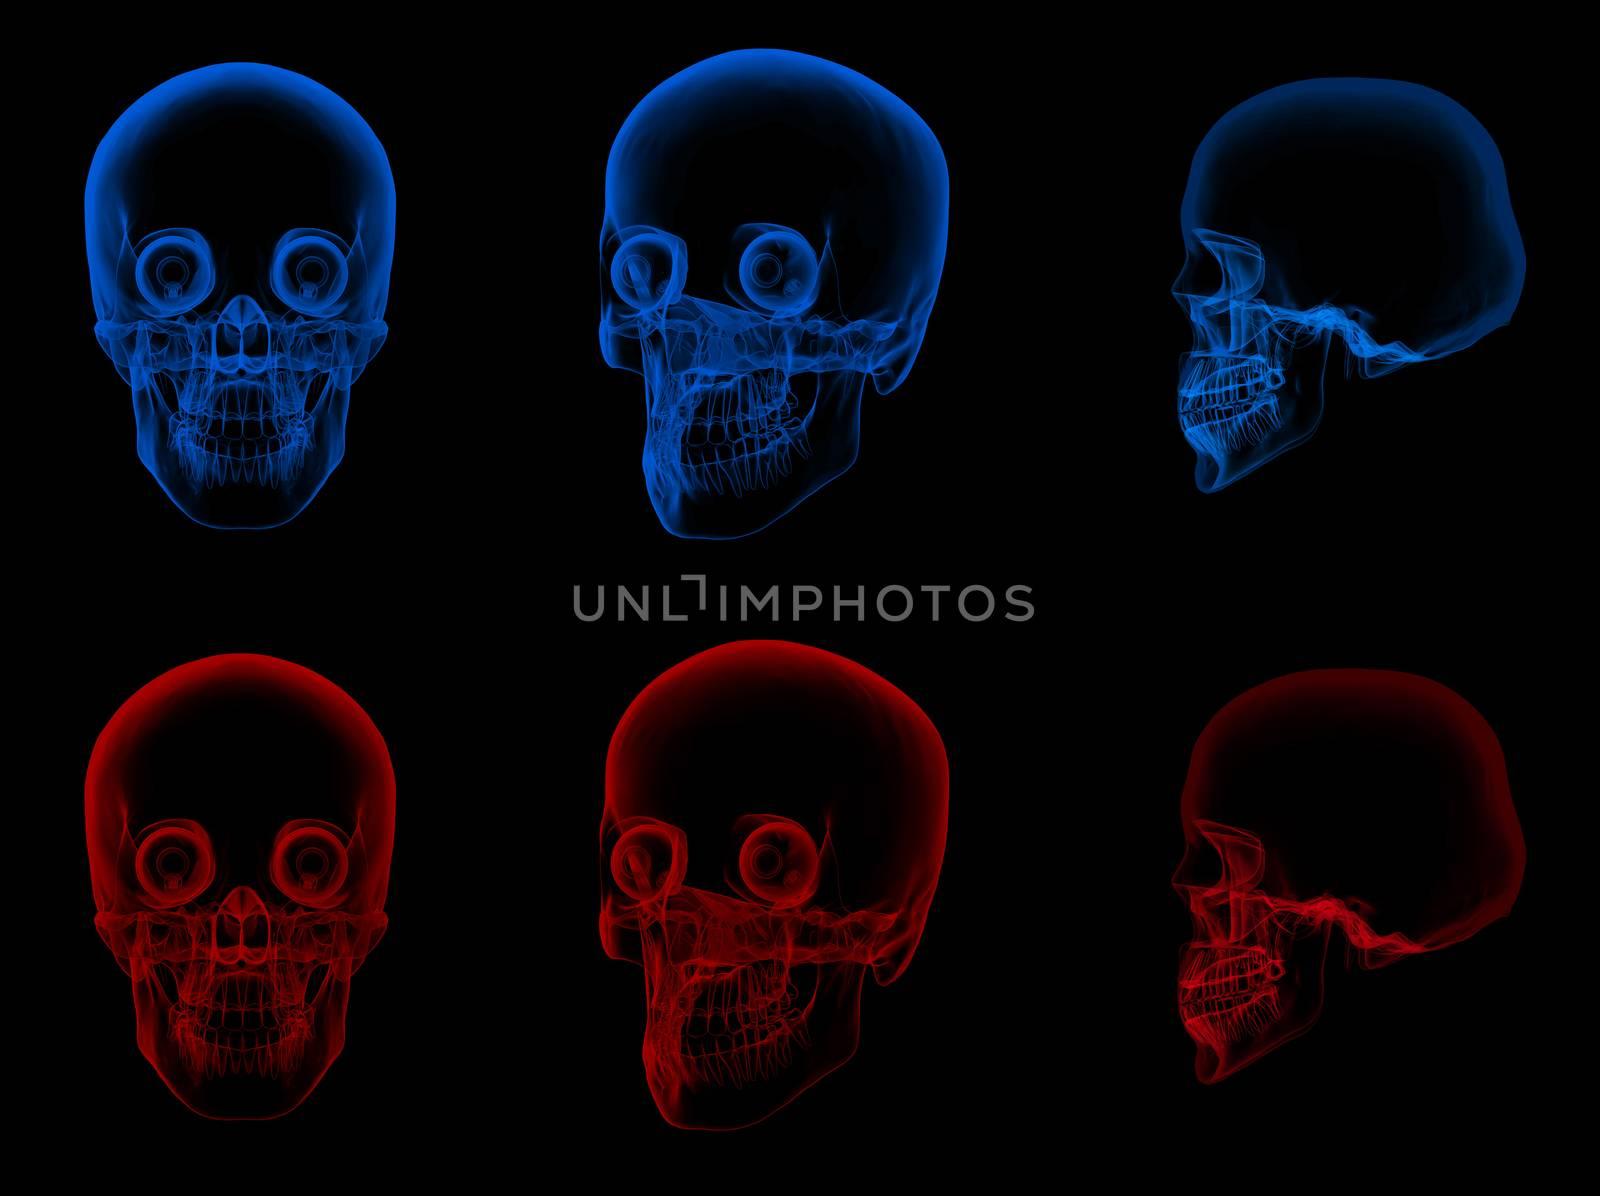 3d render illustration of the skull and eye